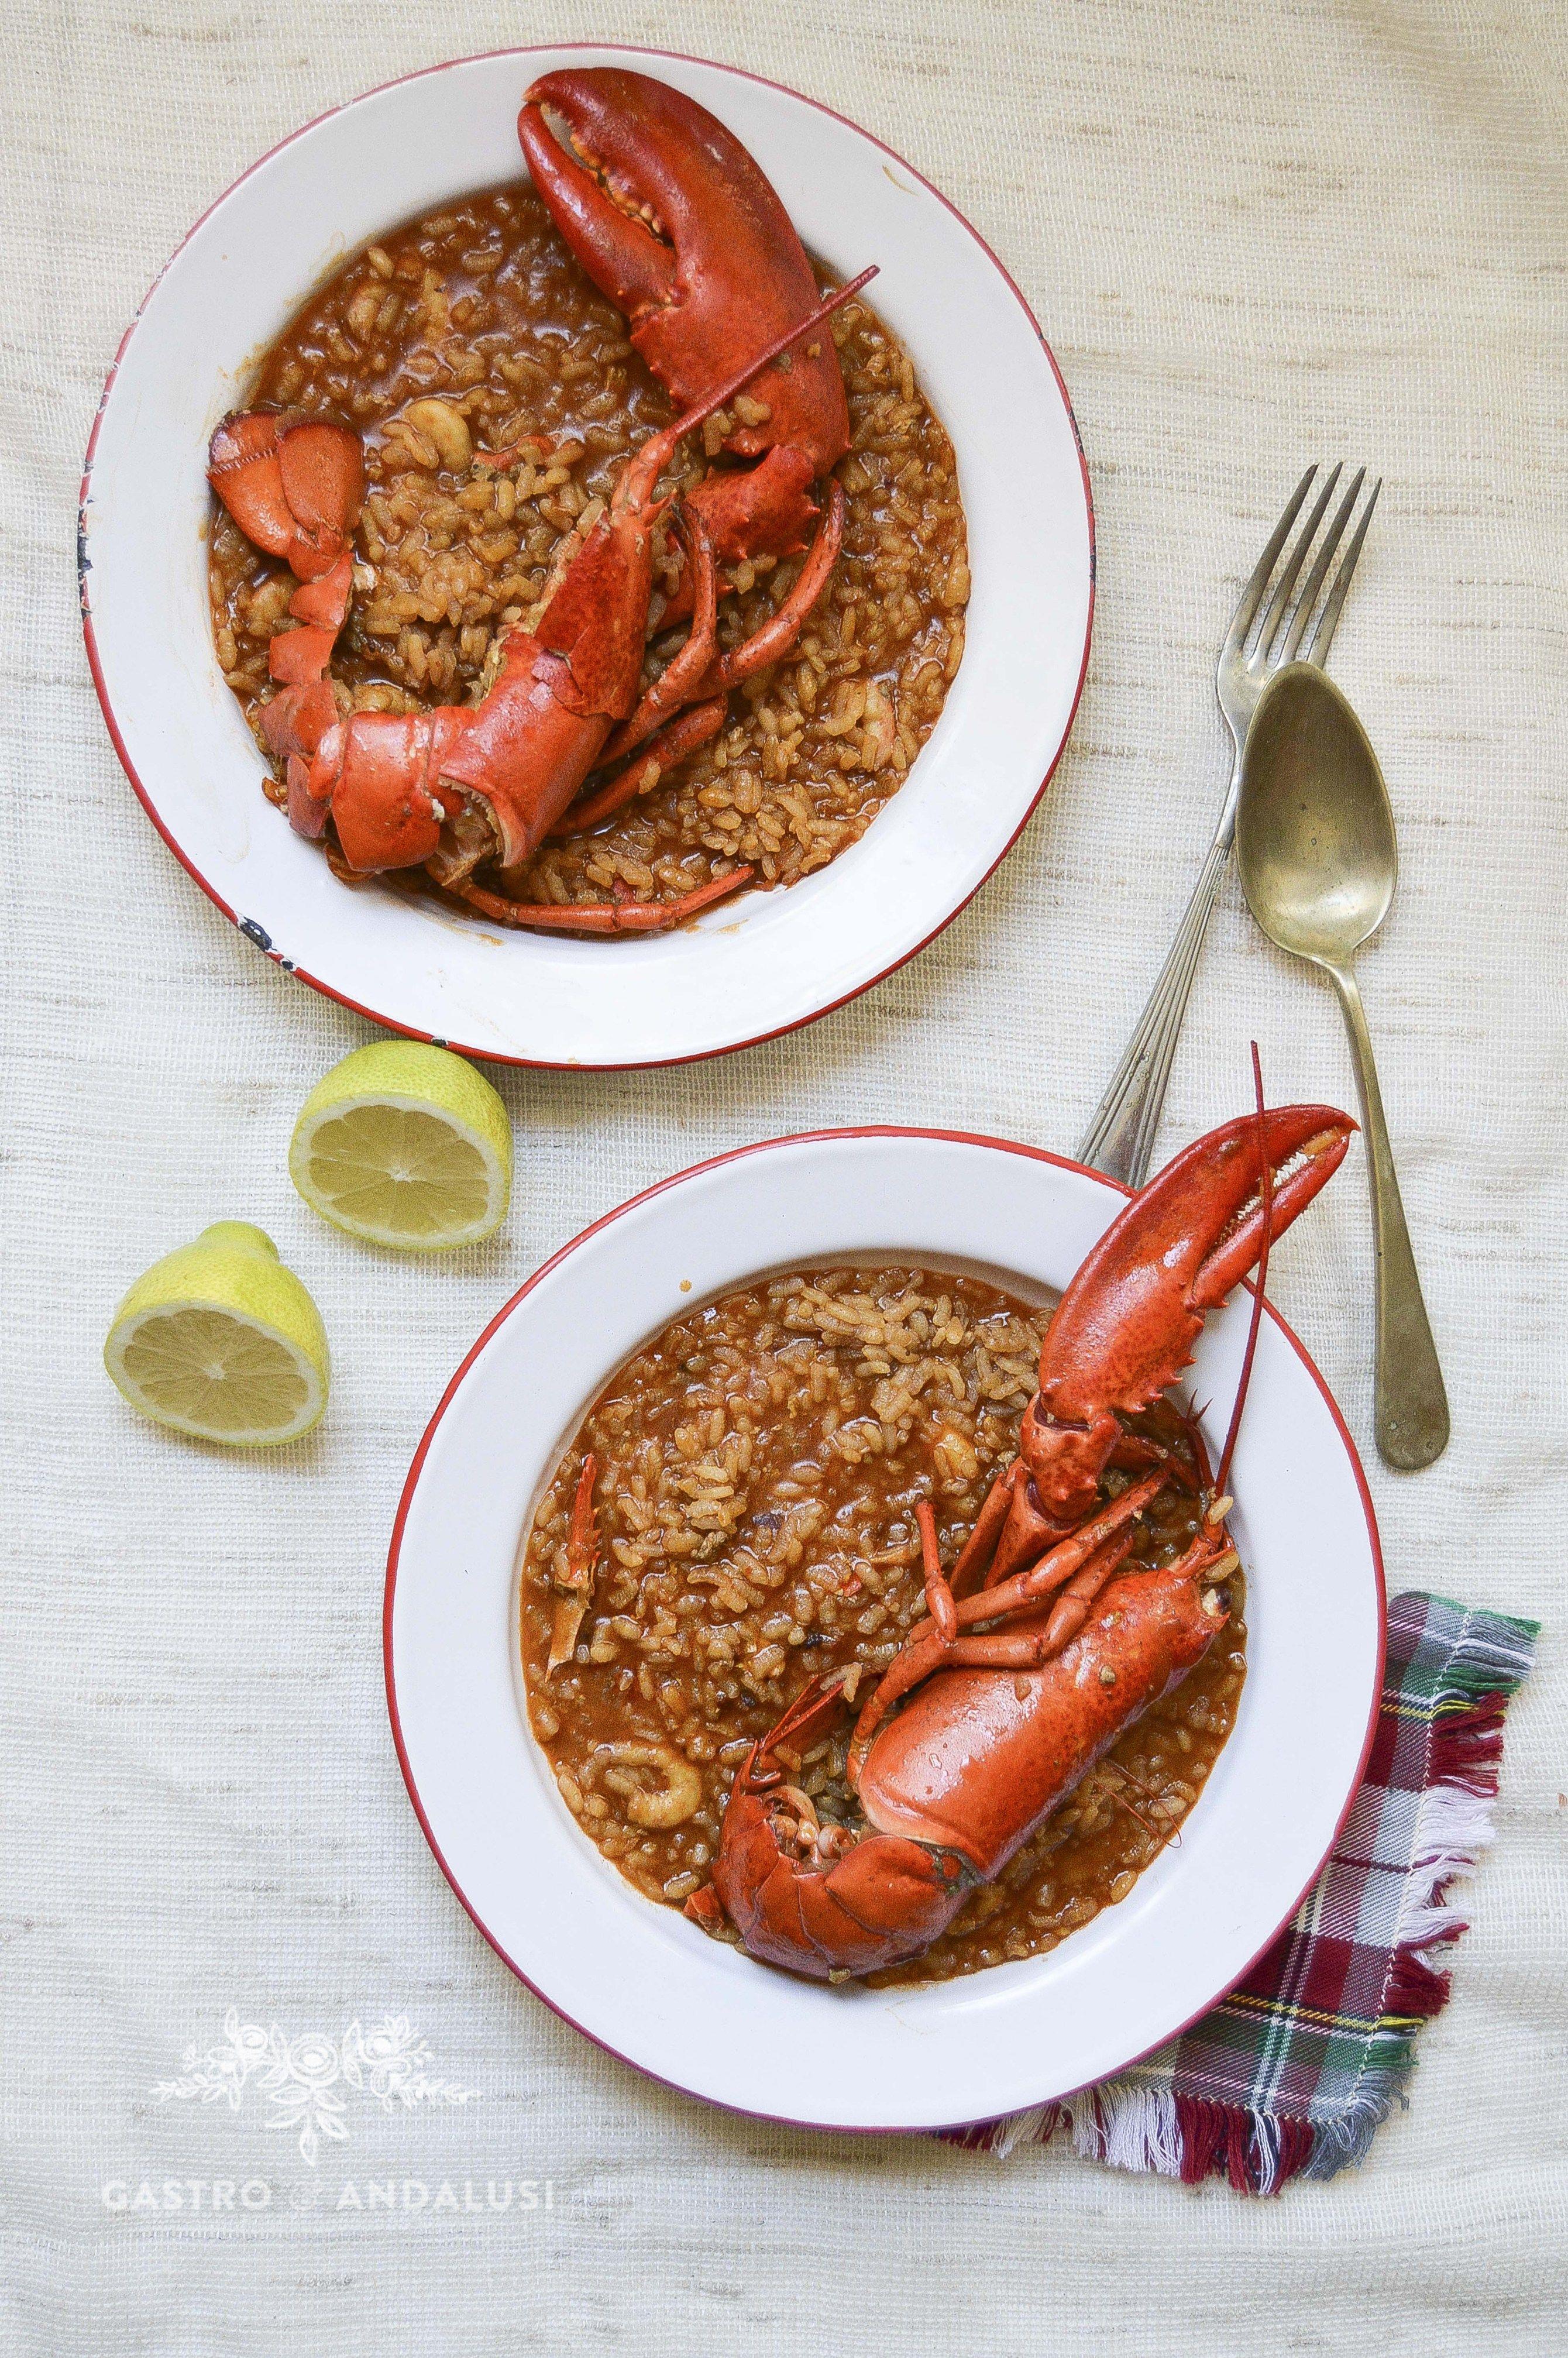 Arroz Caldoso Con Bogavante Gastroandalusi Receta Recetas De Comida Recetas Con Arroz Recetas Para Cocinar